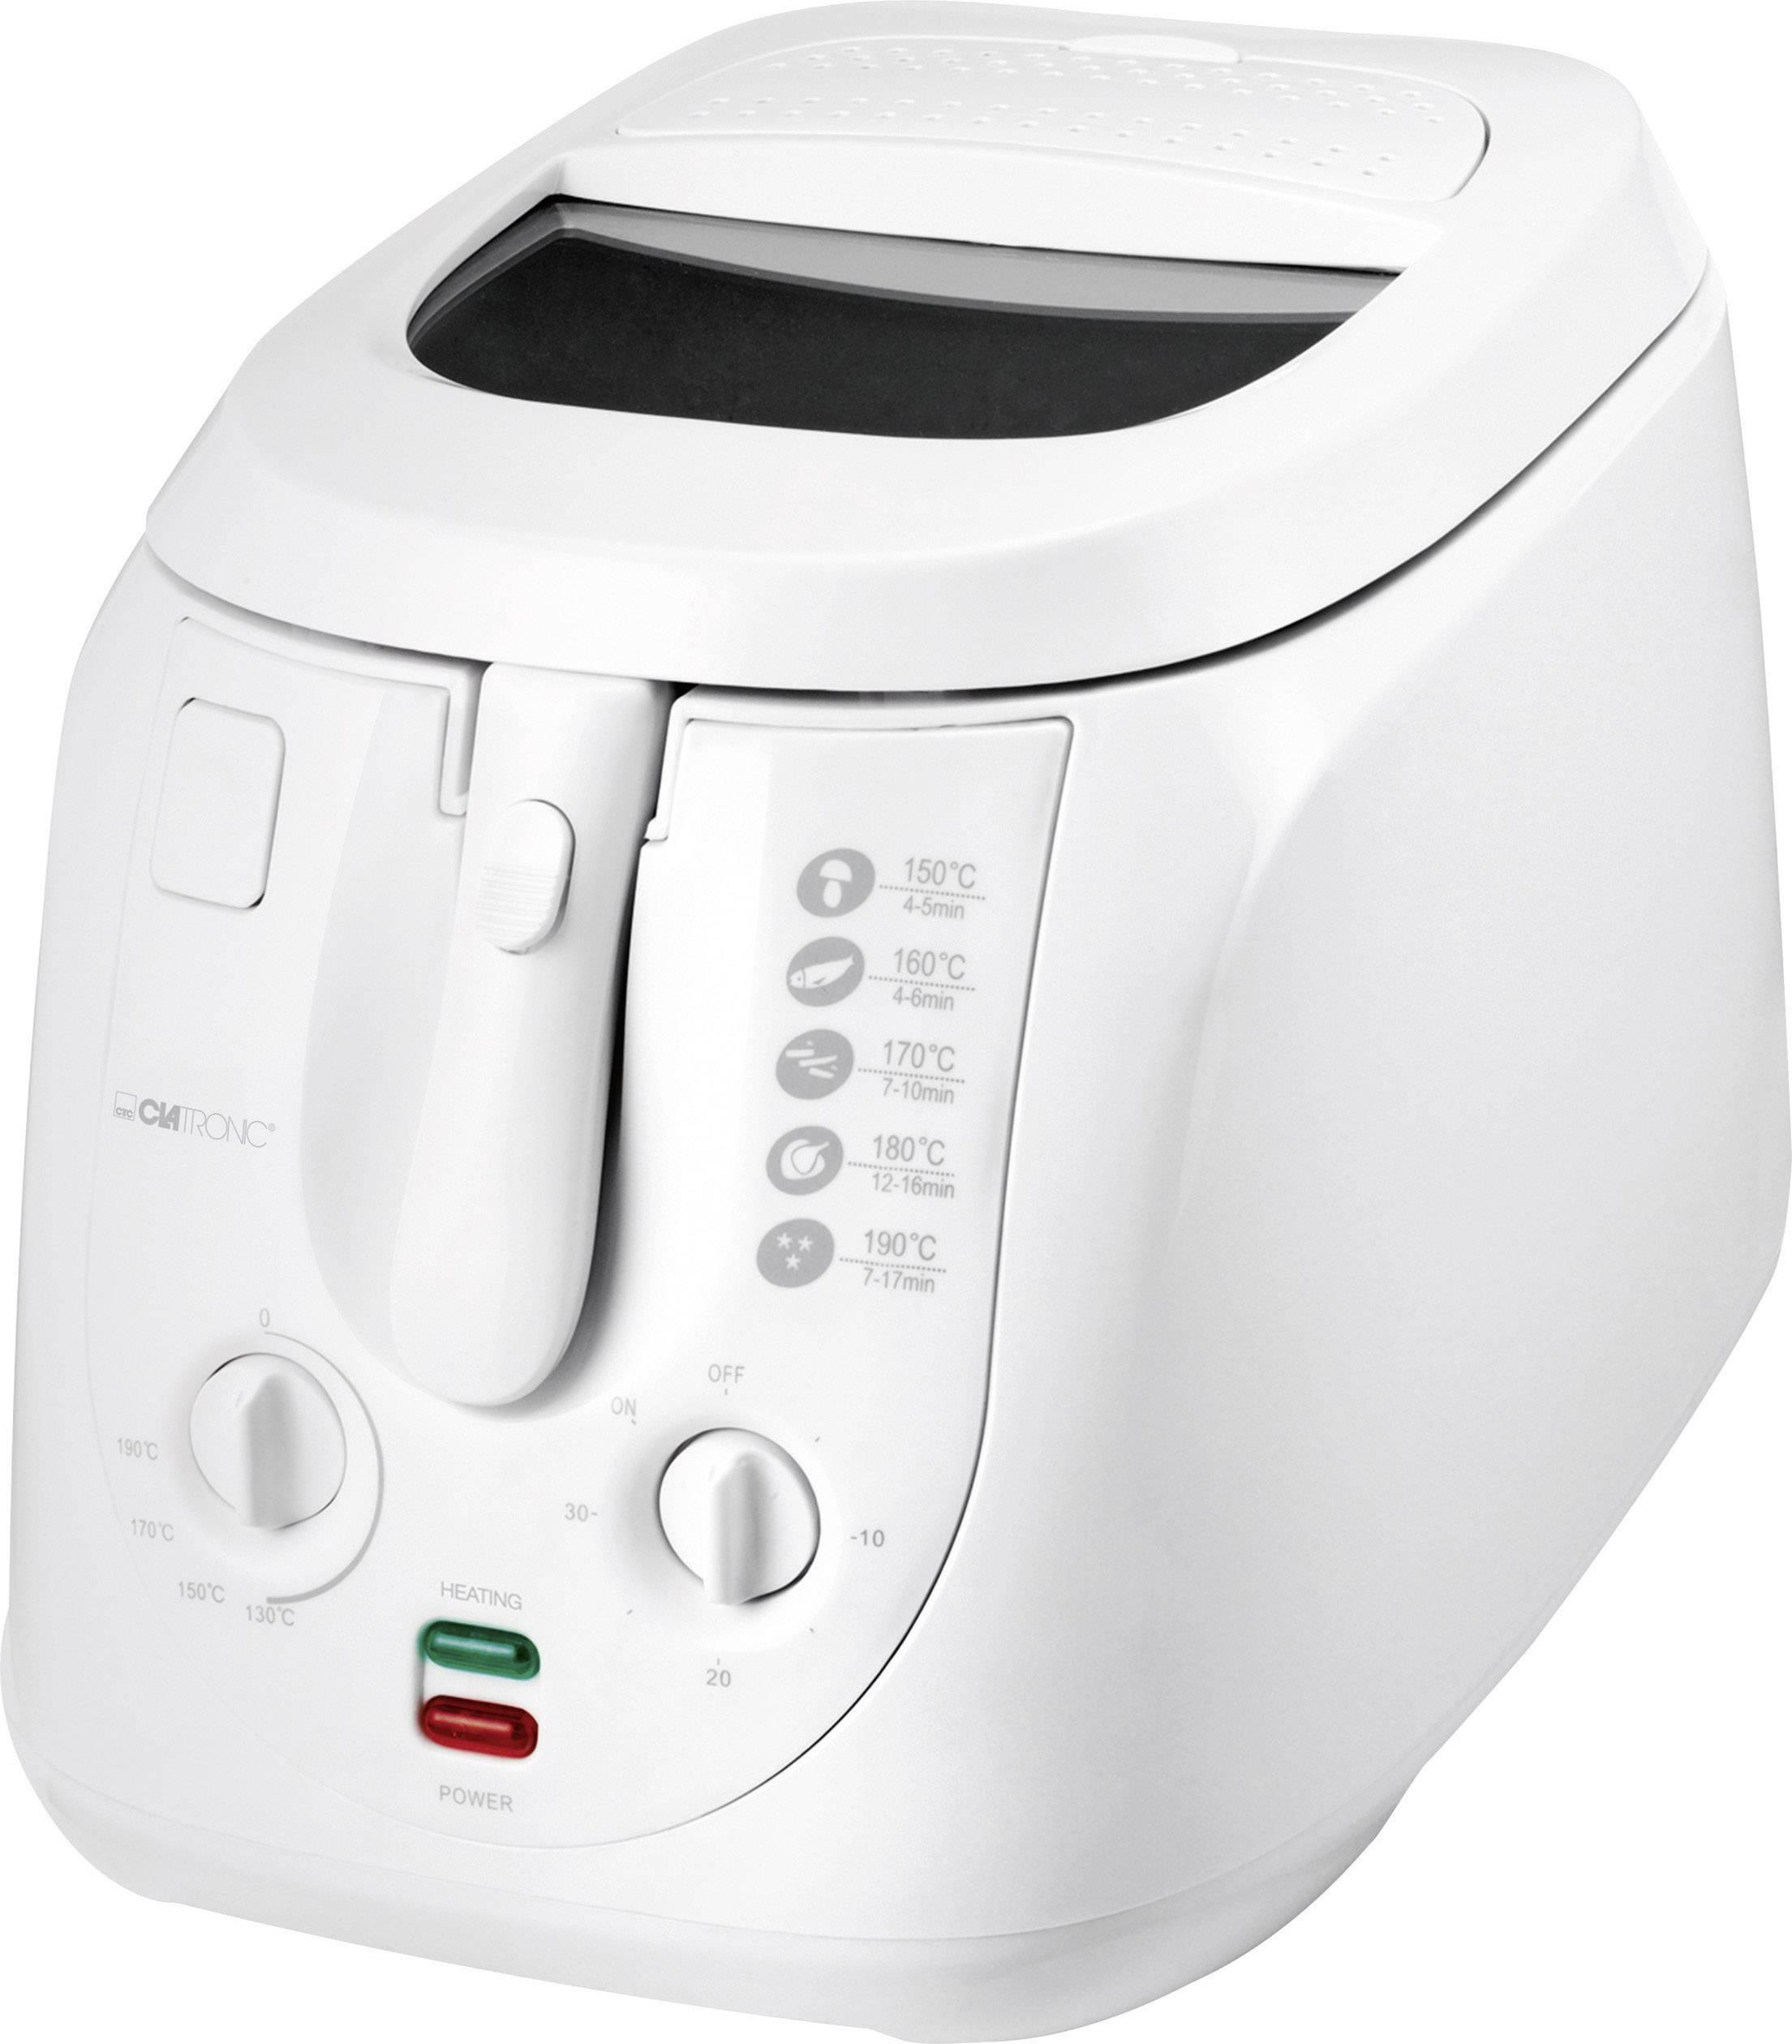 Fritéza Clatronic FR3548 manuálne nastvaitelná teplota, biela